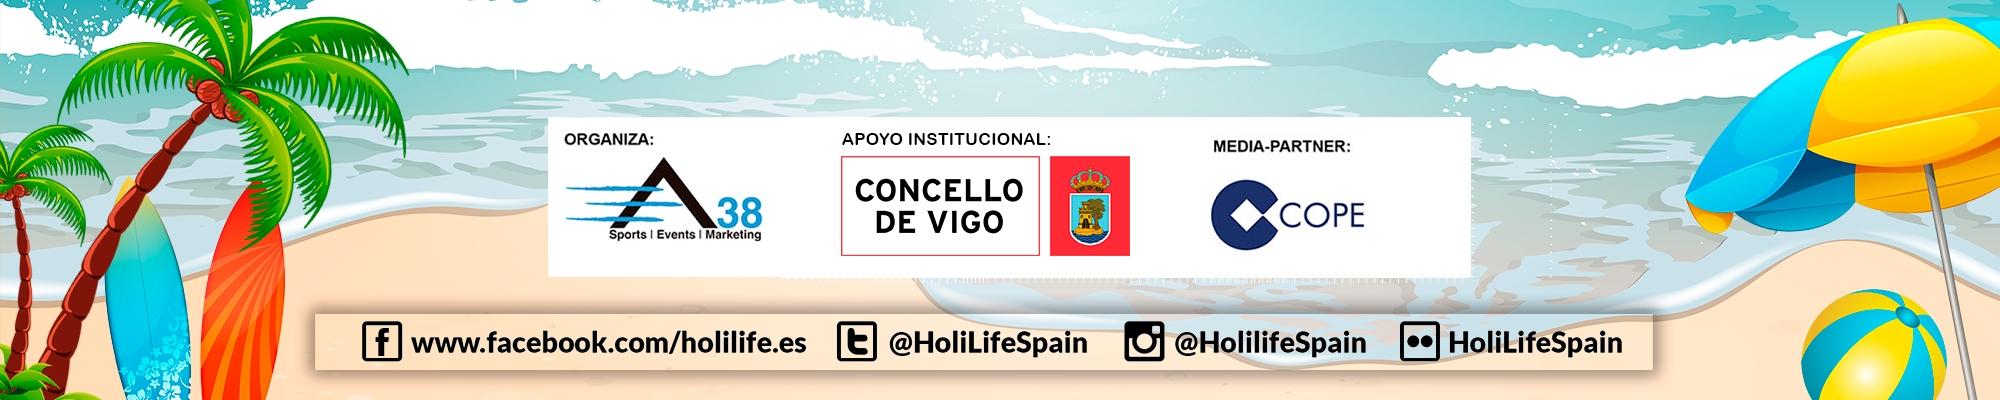 Holi Life Vigo 7th Edition FECHA POR CONFIRMAR